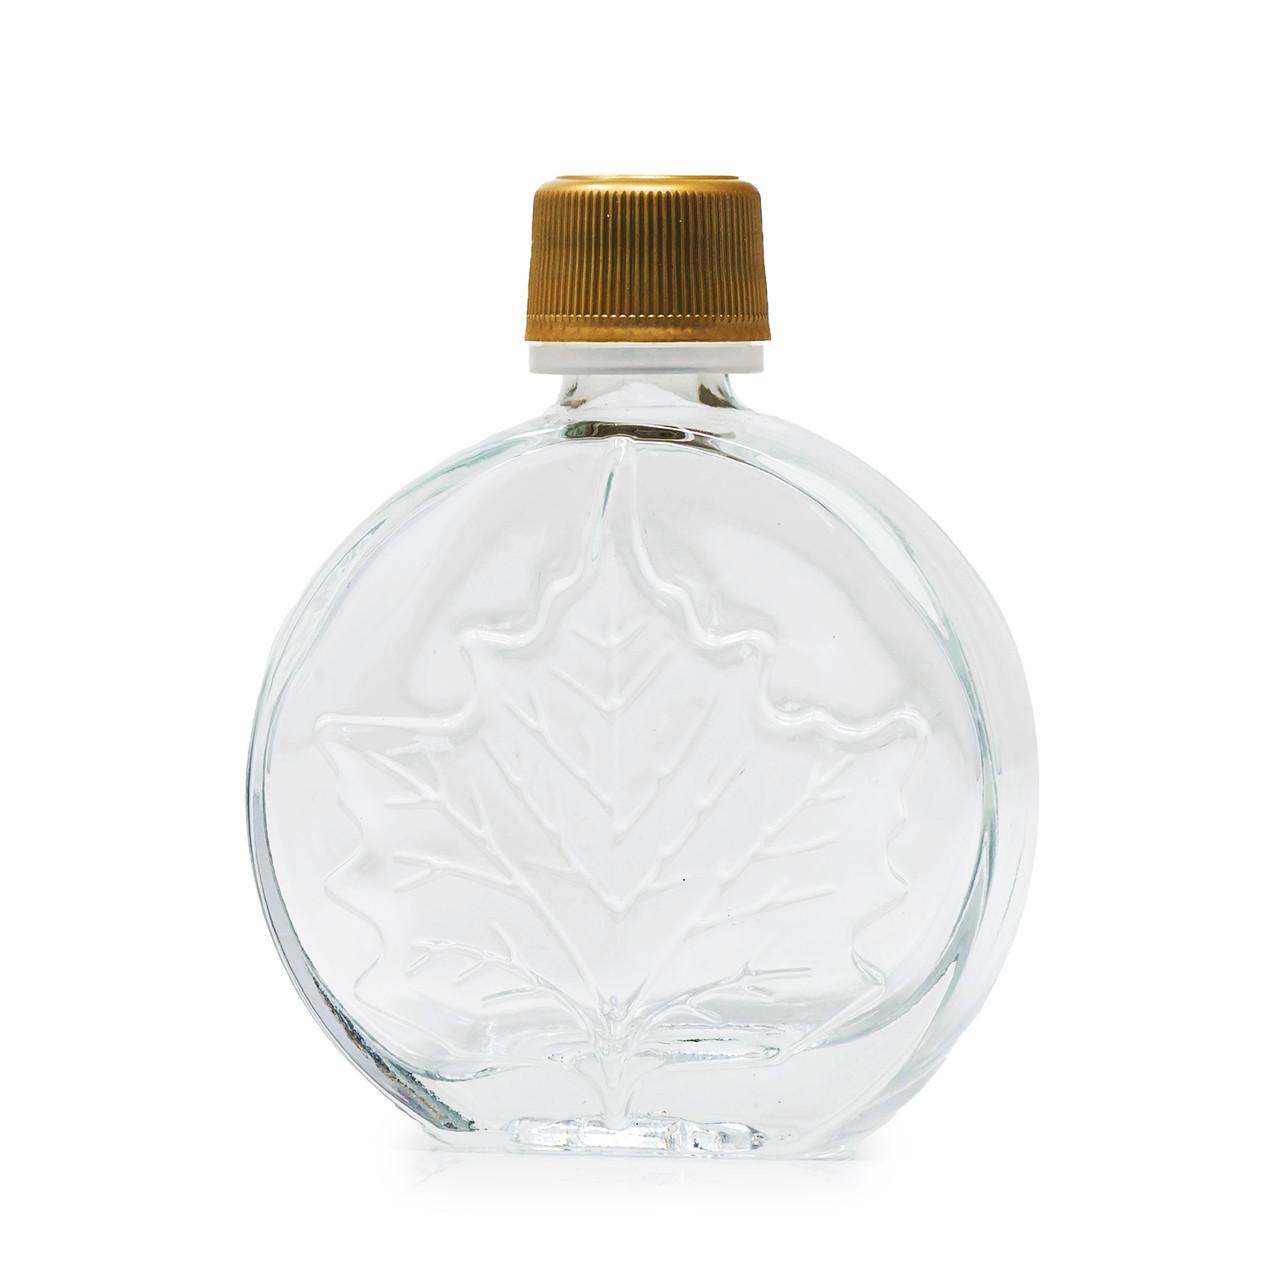 Medallion bottle